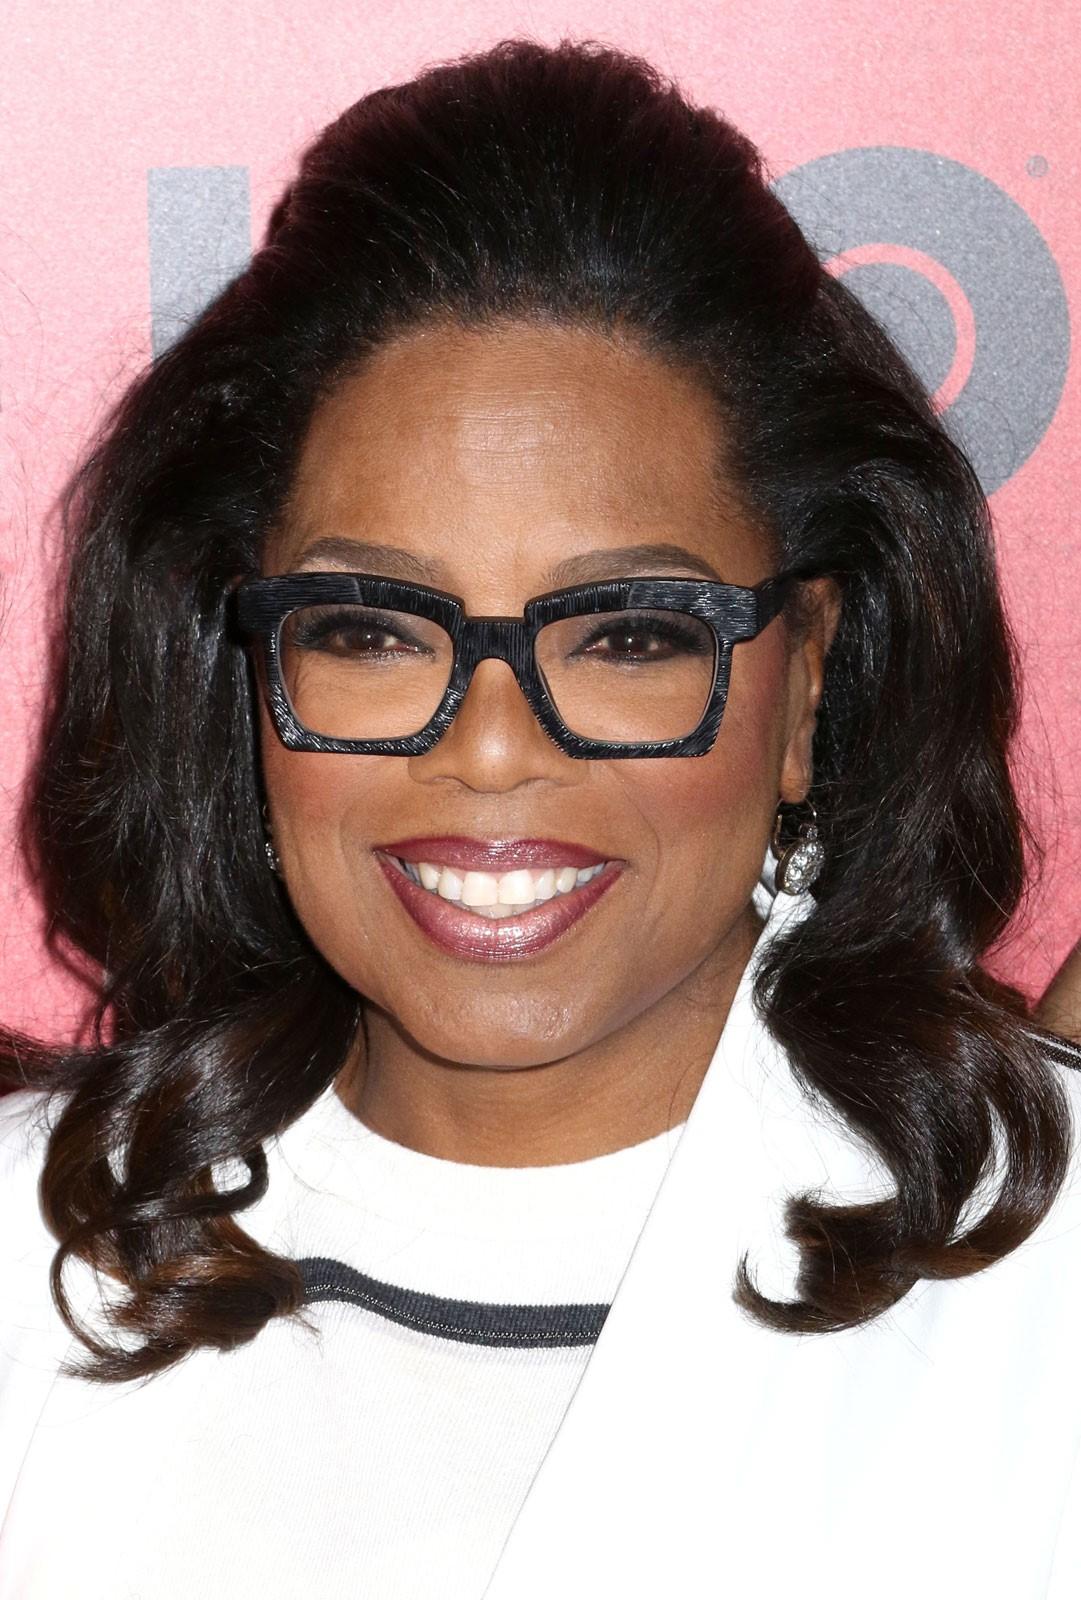 Oprah Winfrey doa mais de dez milhões de dólares para ajudar no combate da pandemia.